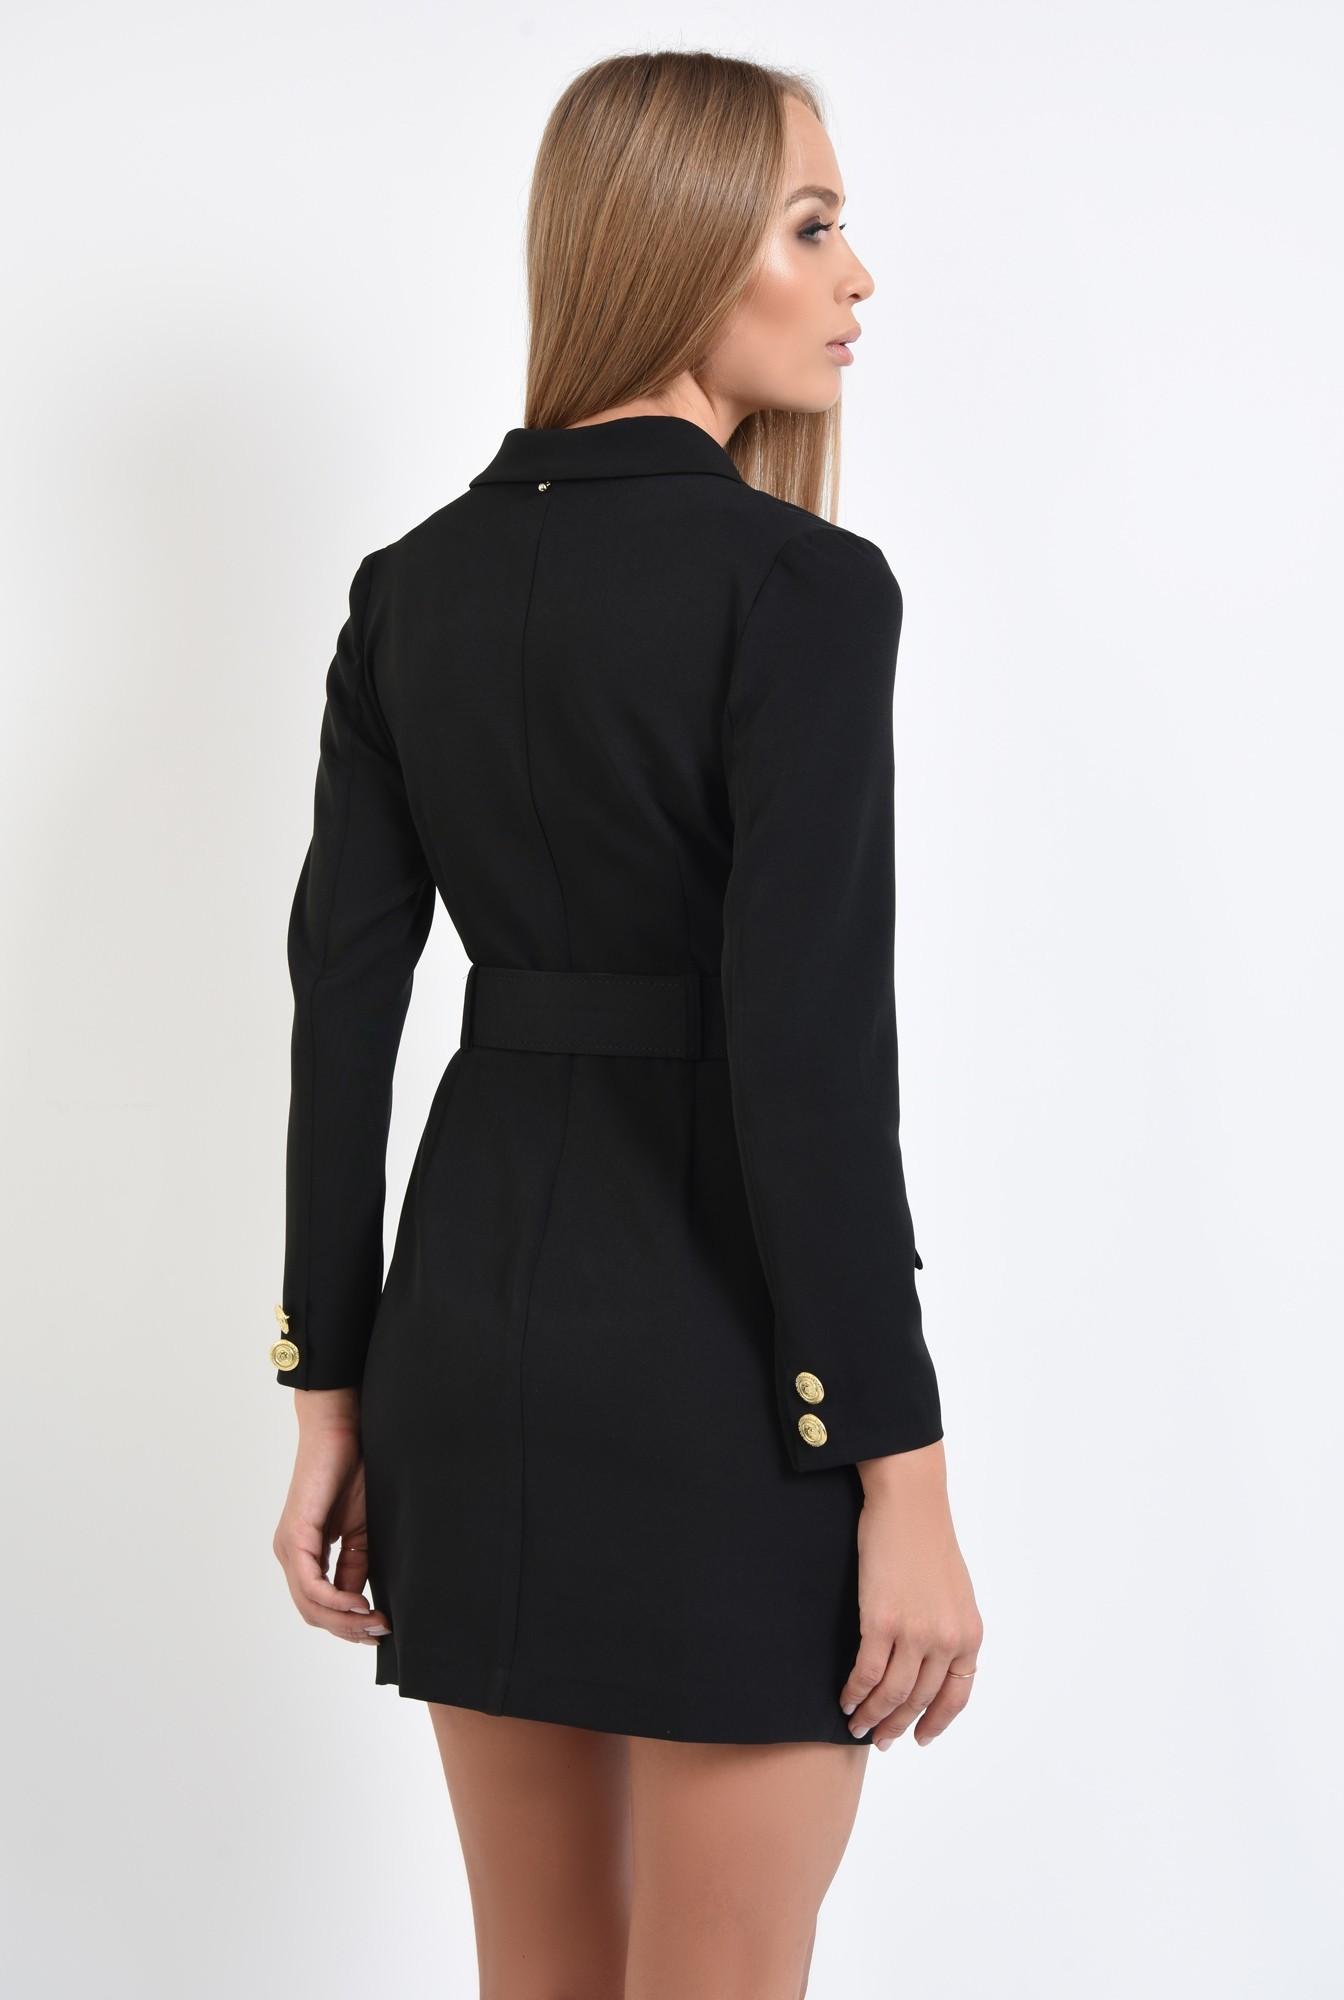 1 - rochie blazer, decolteu anchior petrecut, centura cu catarama si capse aurii